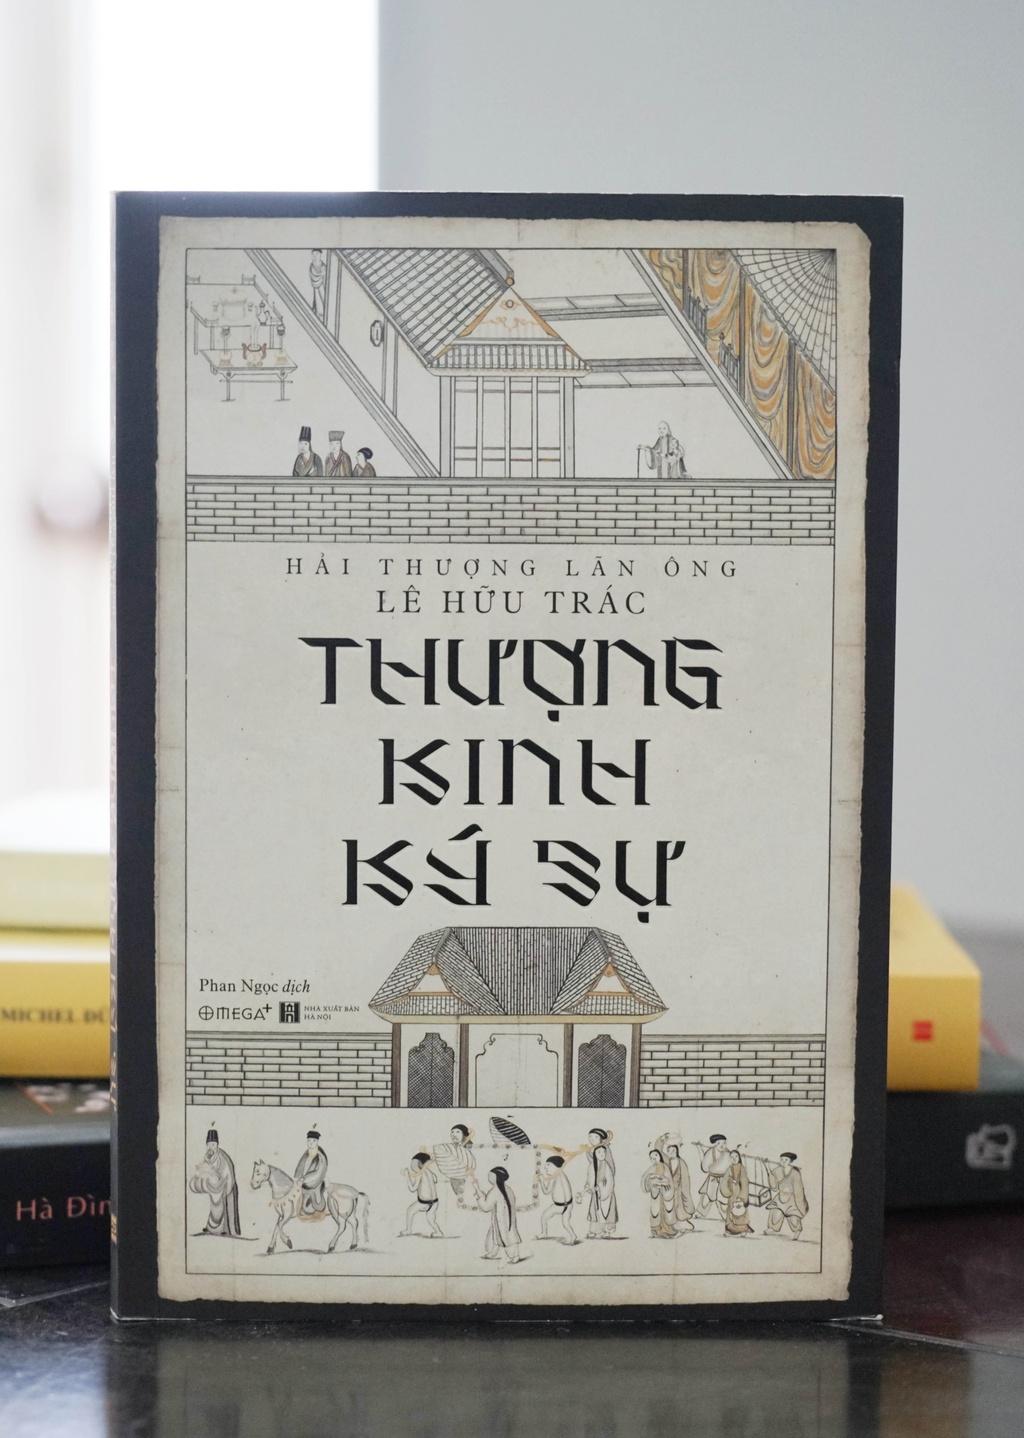 Chuyen tinh dai danh y Le Huu Trac anh 1